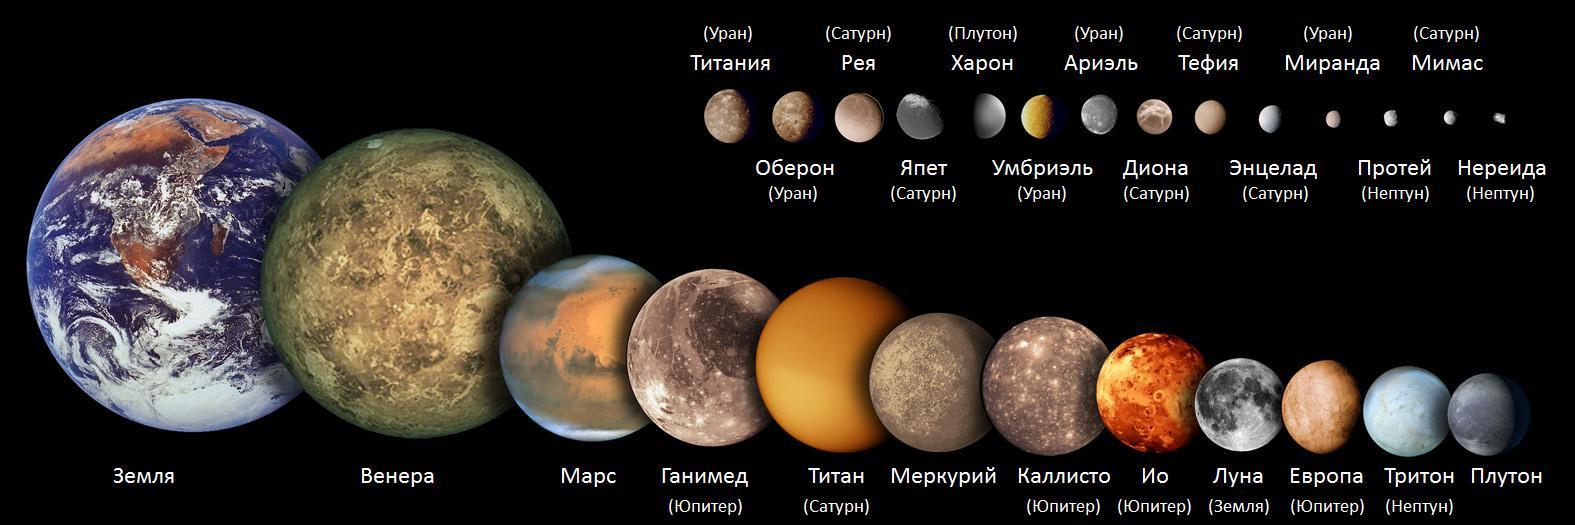 Сравнительные размеры крупнейших спутников